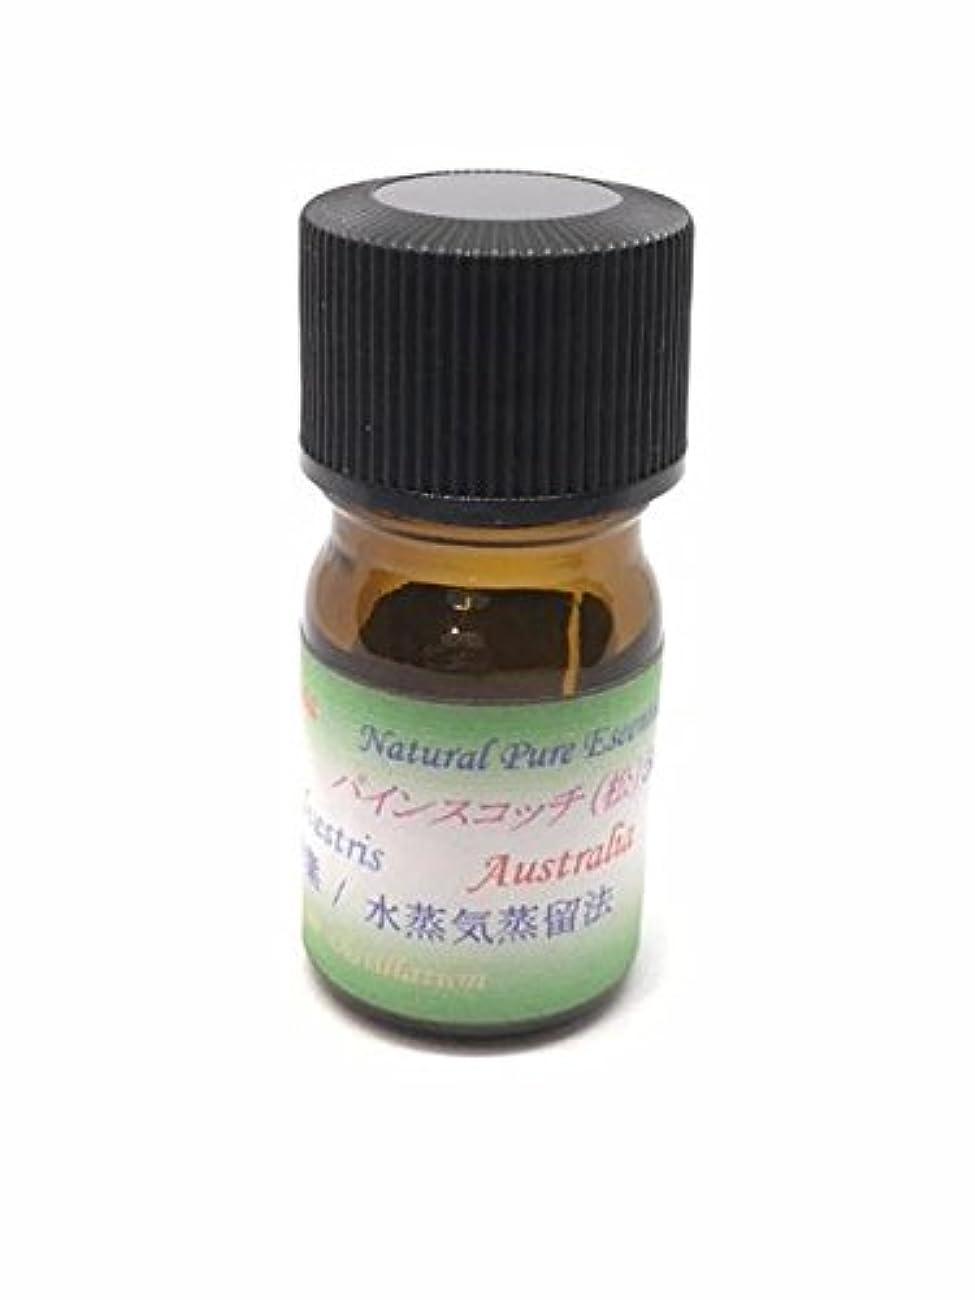 パインスコッチ 100% ピュアエッセンシャルオイル アロマ精油(松ぼっくりの精油) (30ml)